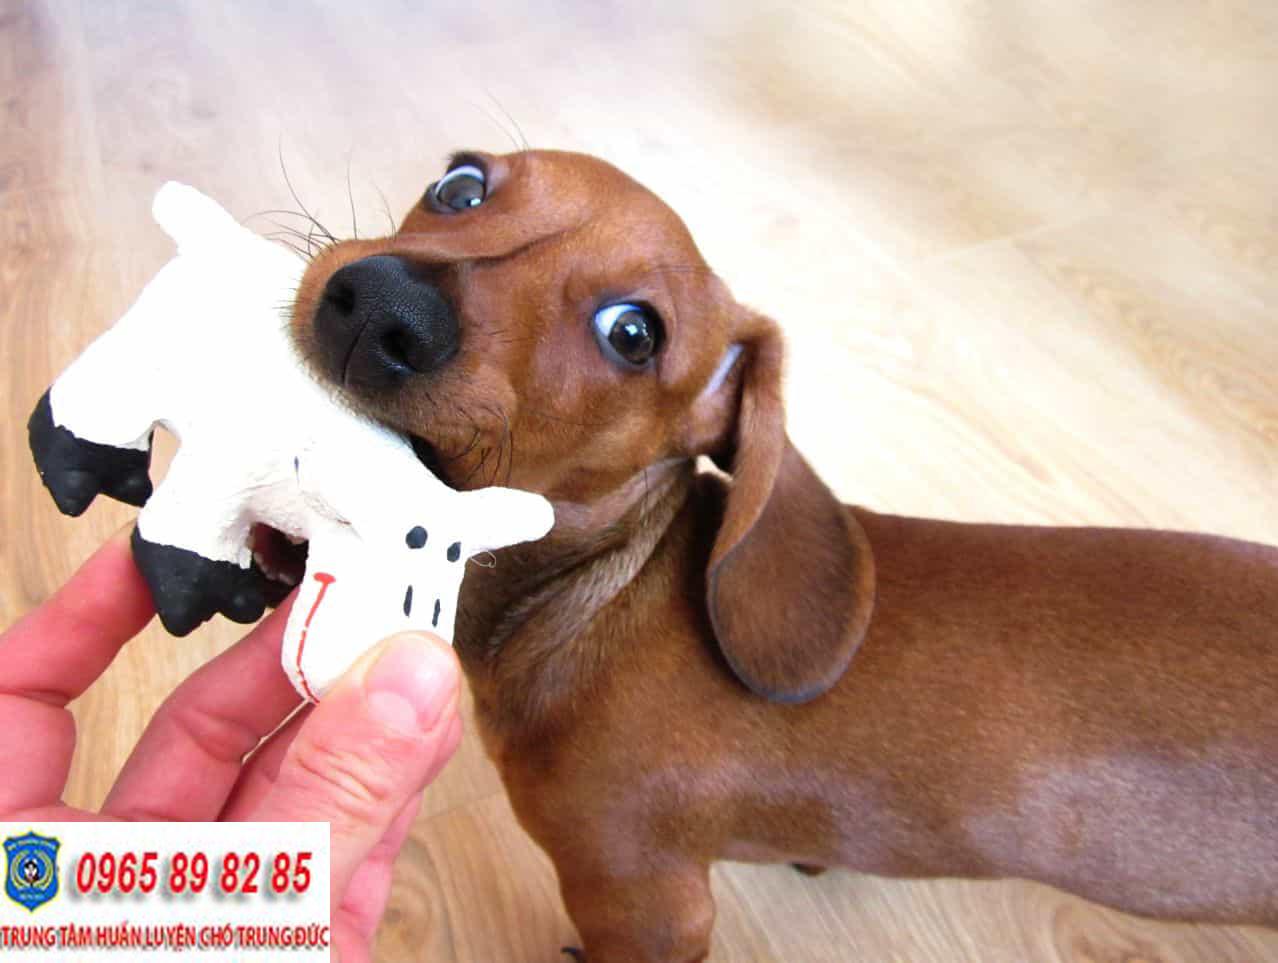 Trung tâm huấn luyện chó Quận Bình Tân